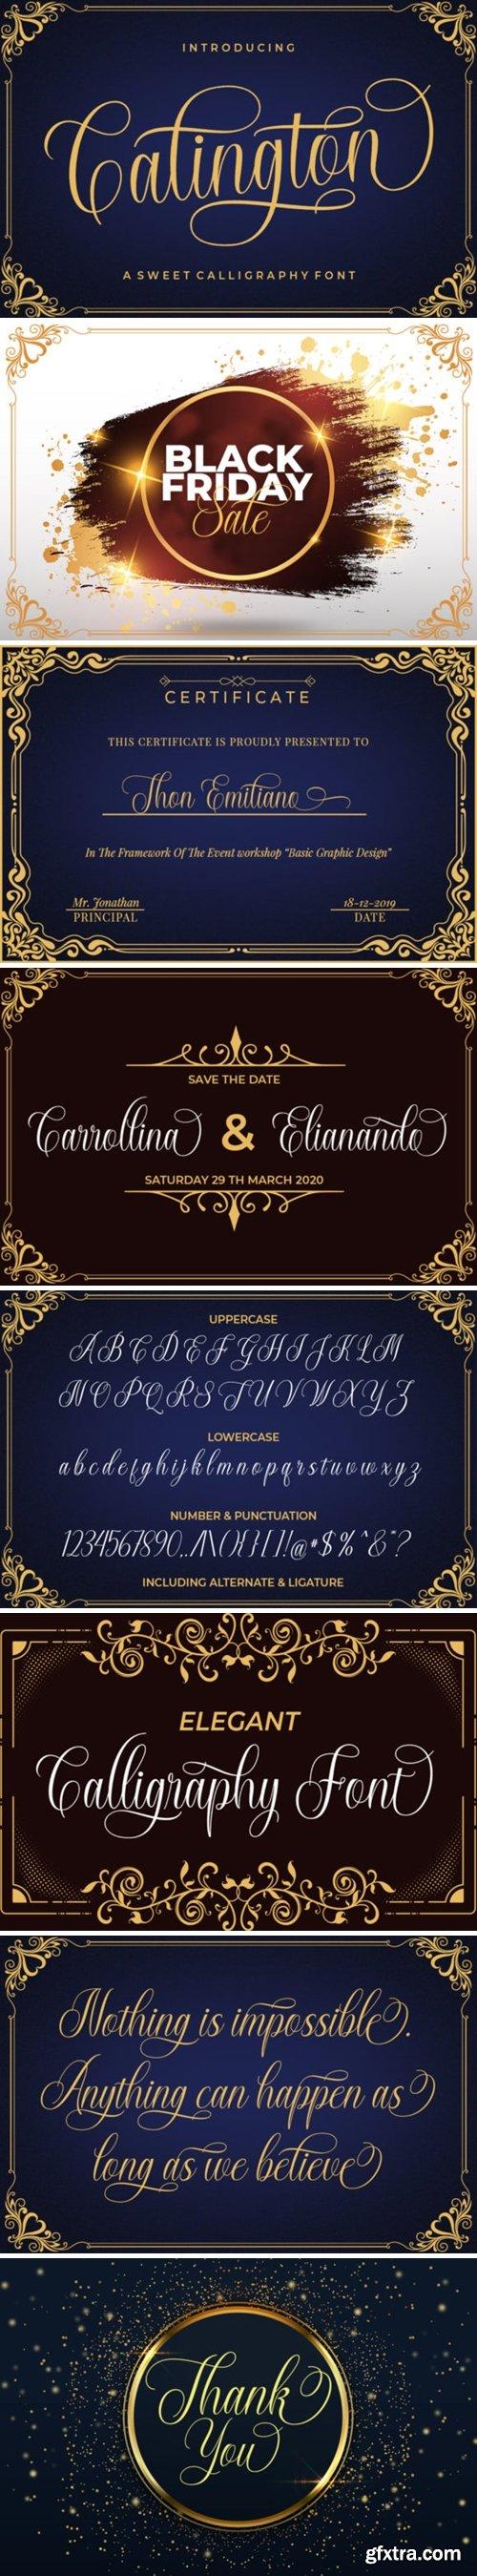 Calington Font